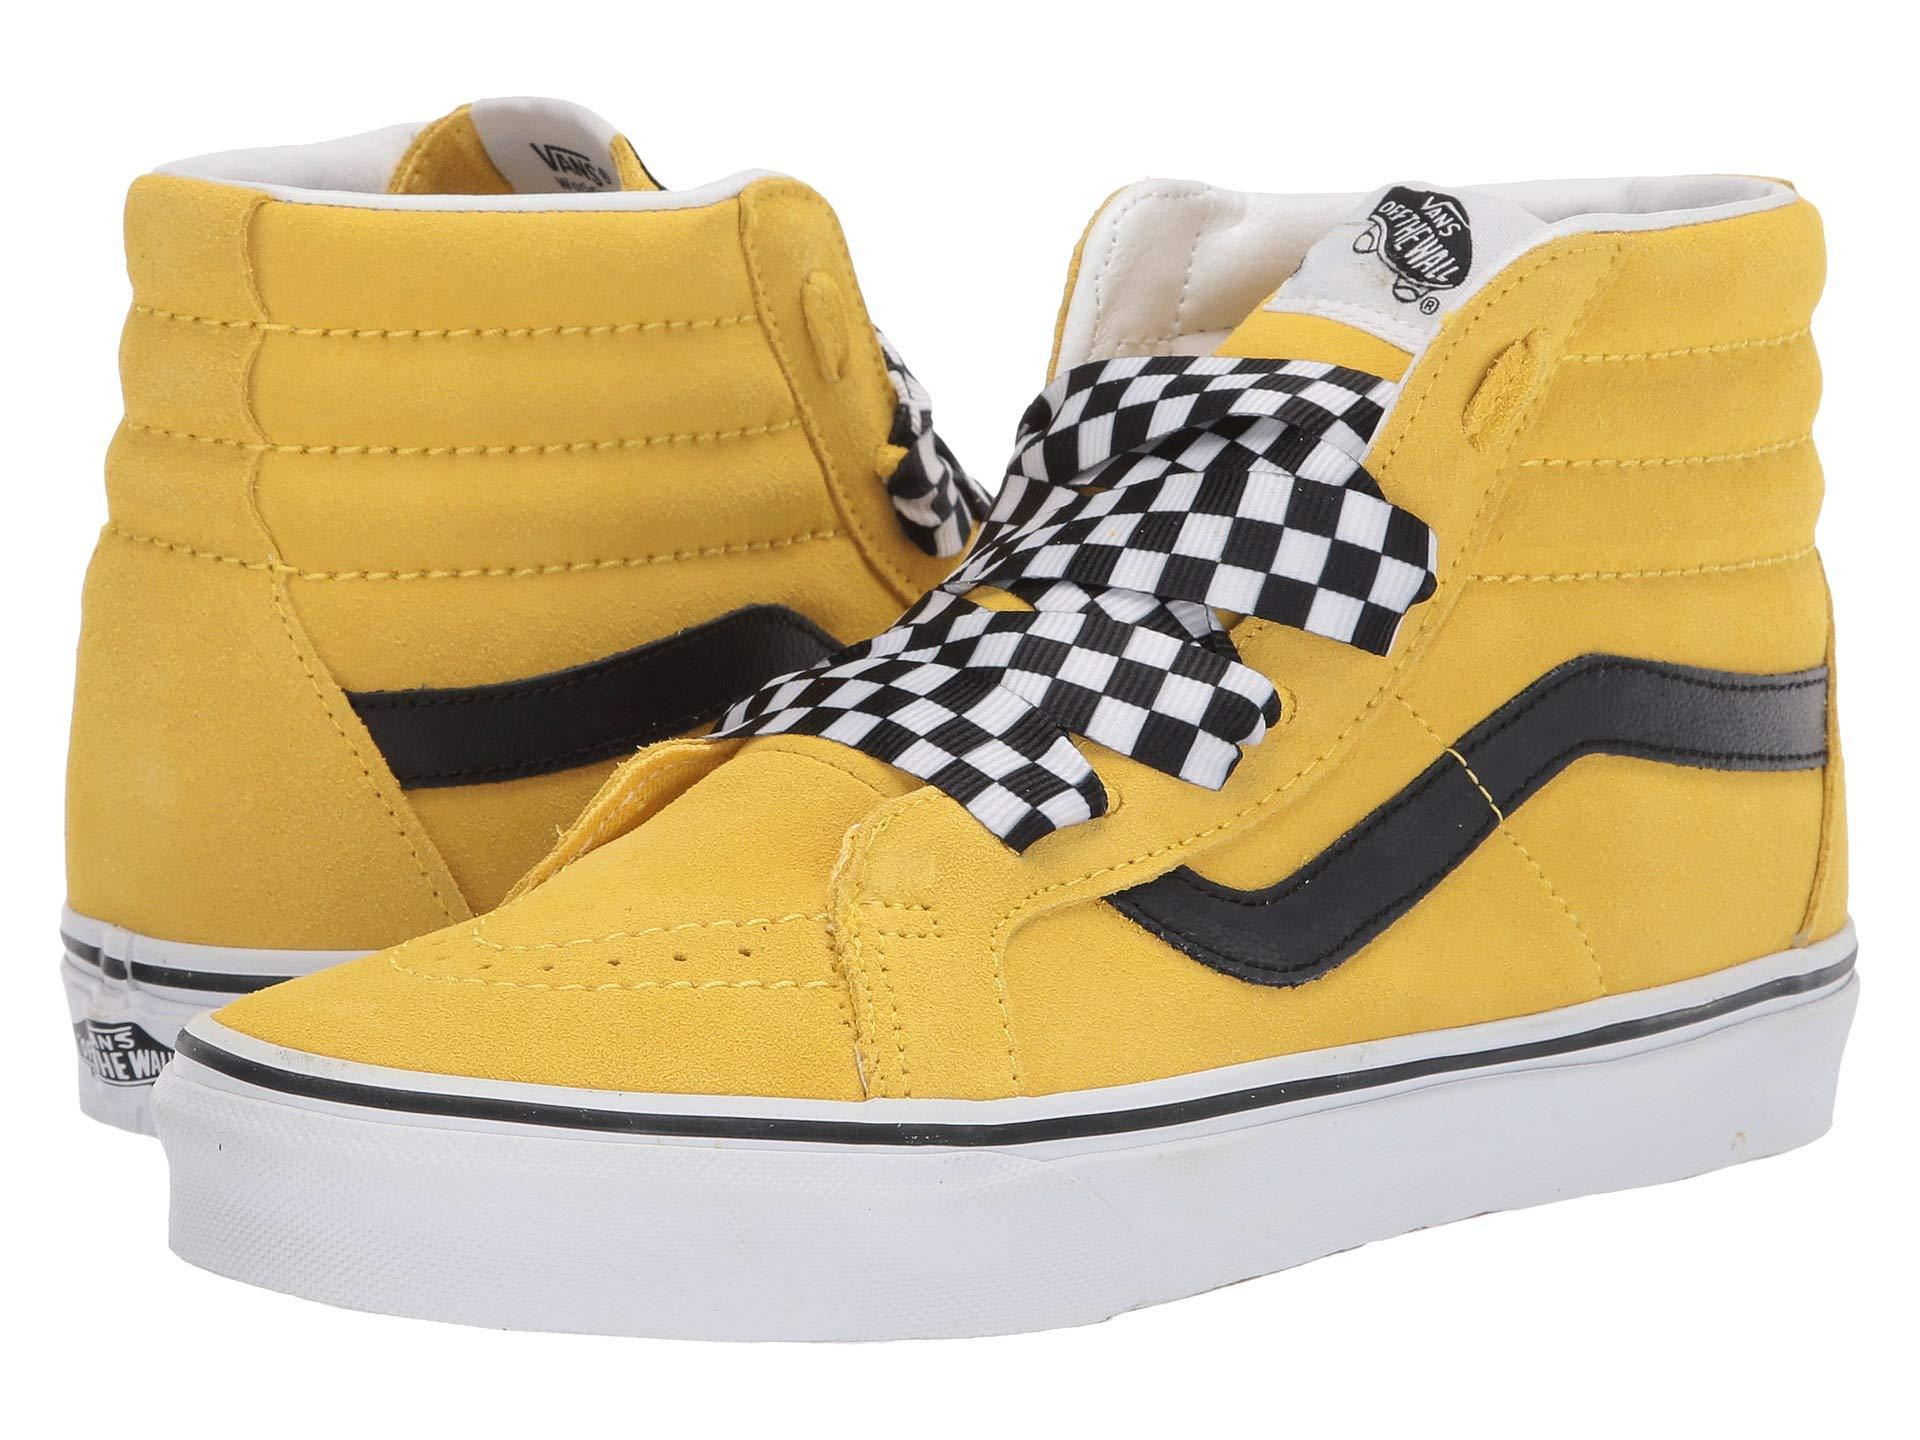 835e0778ad Vans Sk8-Hi Alt Lace at Luxury.Zappos.com